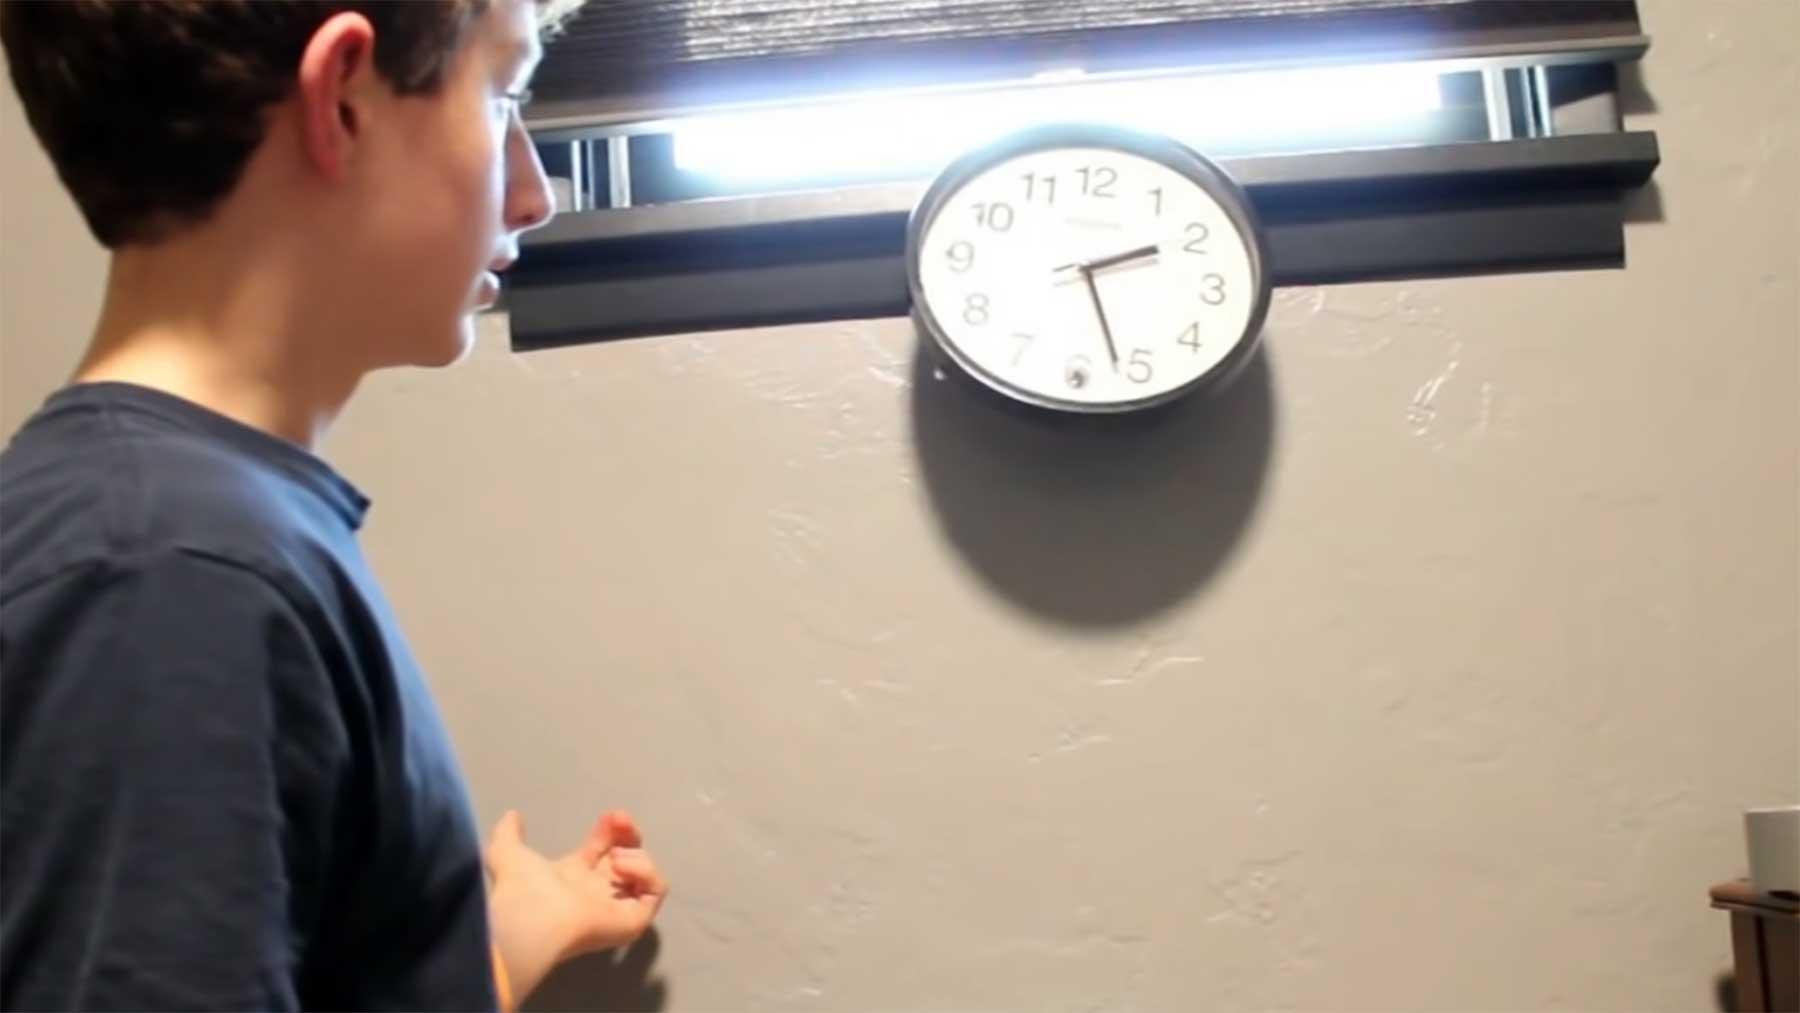 Diese Uhr fällt von der Wand, wenn man sie anschaut